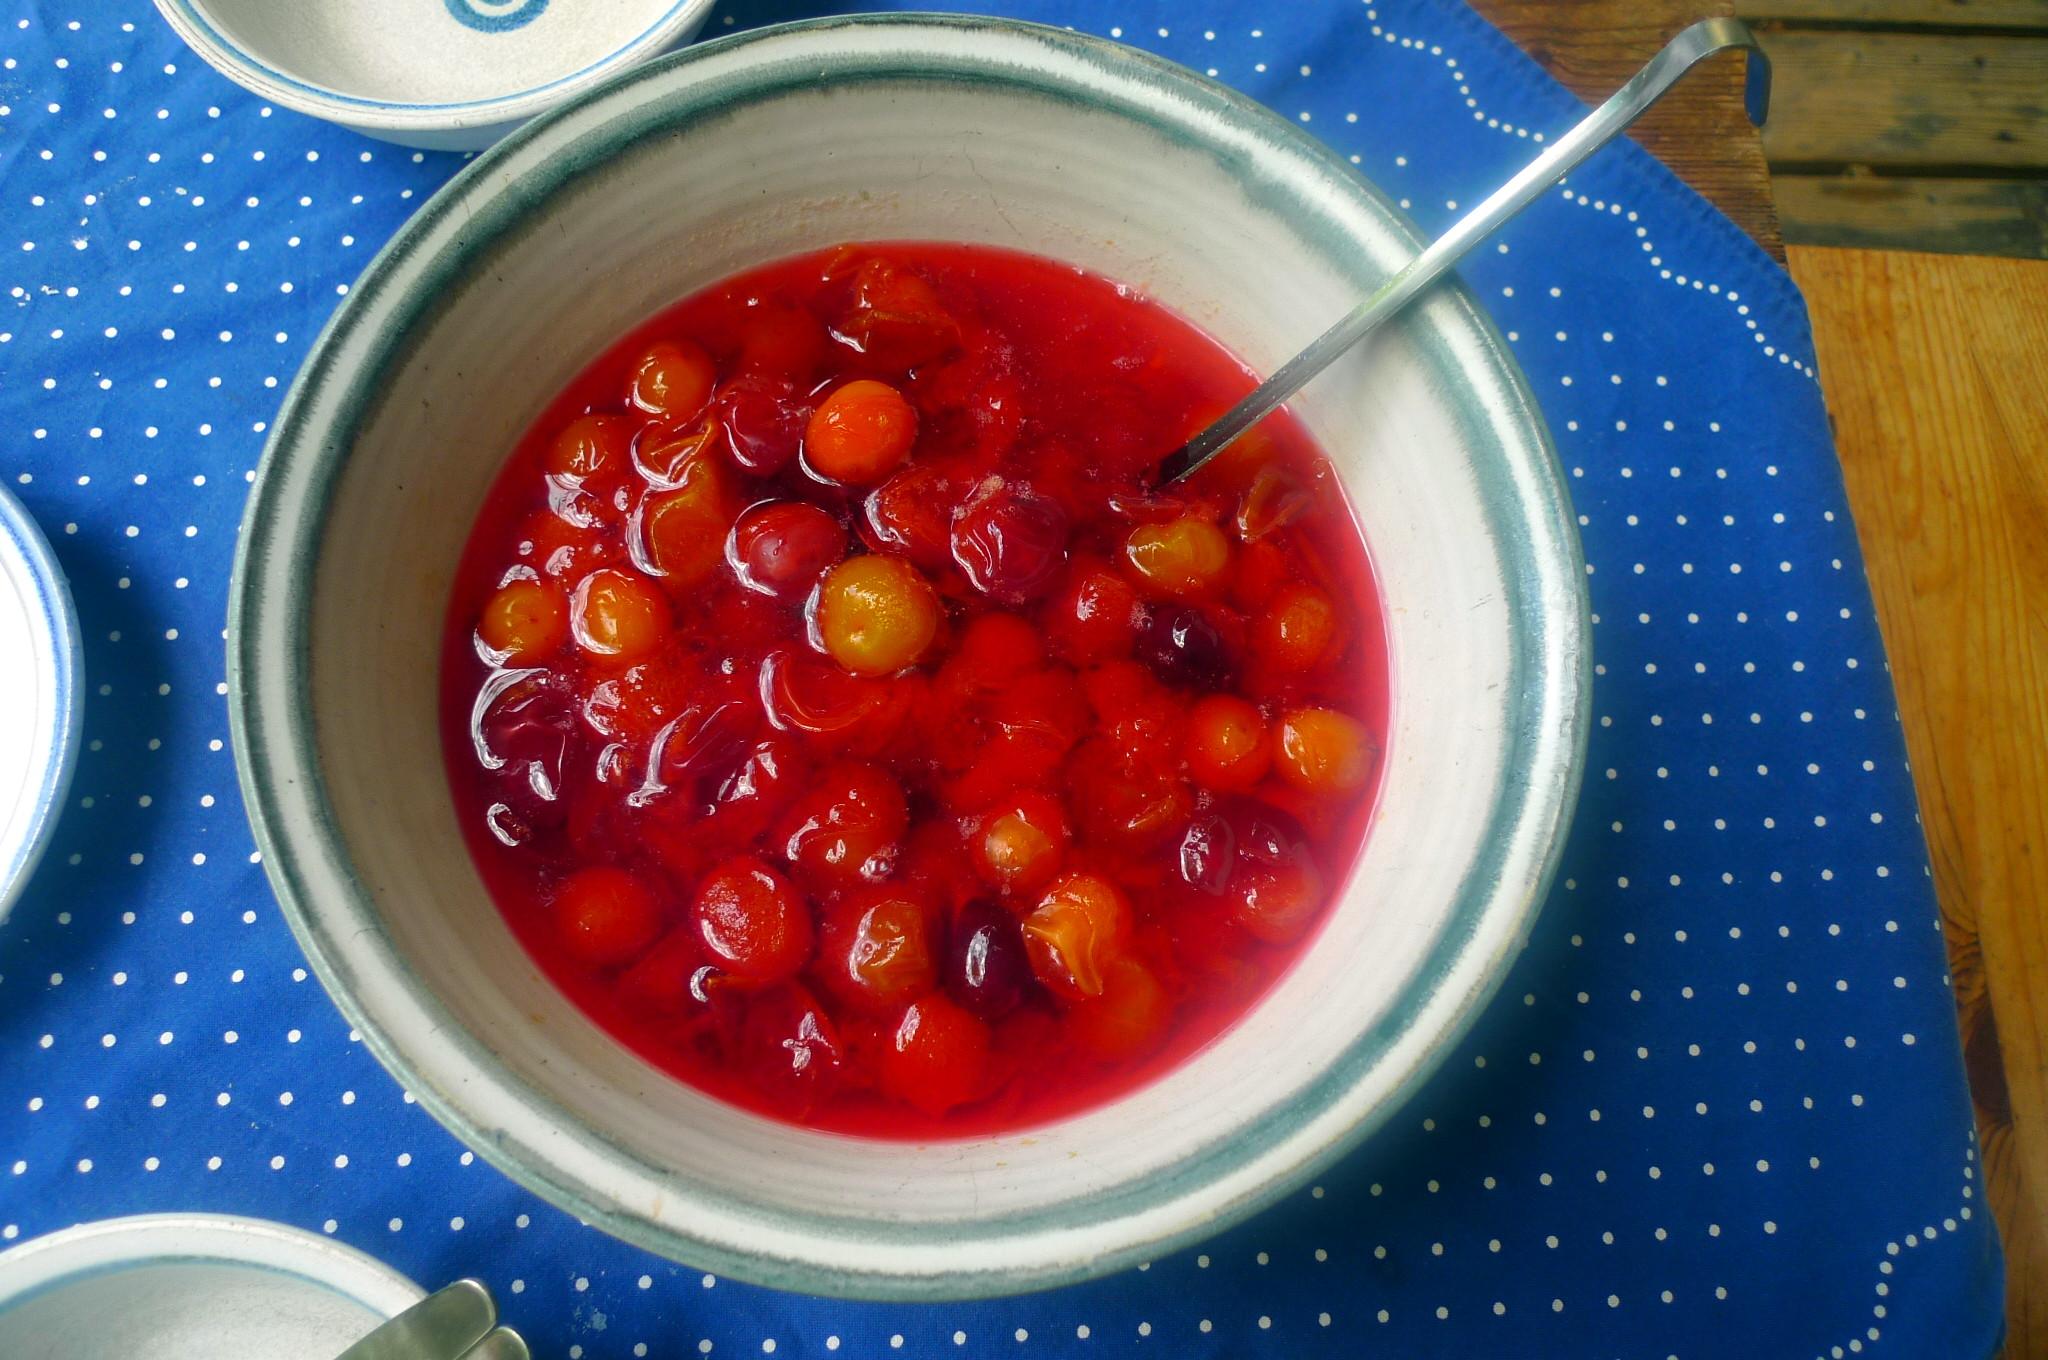 Zucchinispagetthi,Tomatensauce,veganvegetarisch -15.8.15 (19)